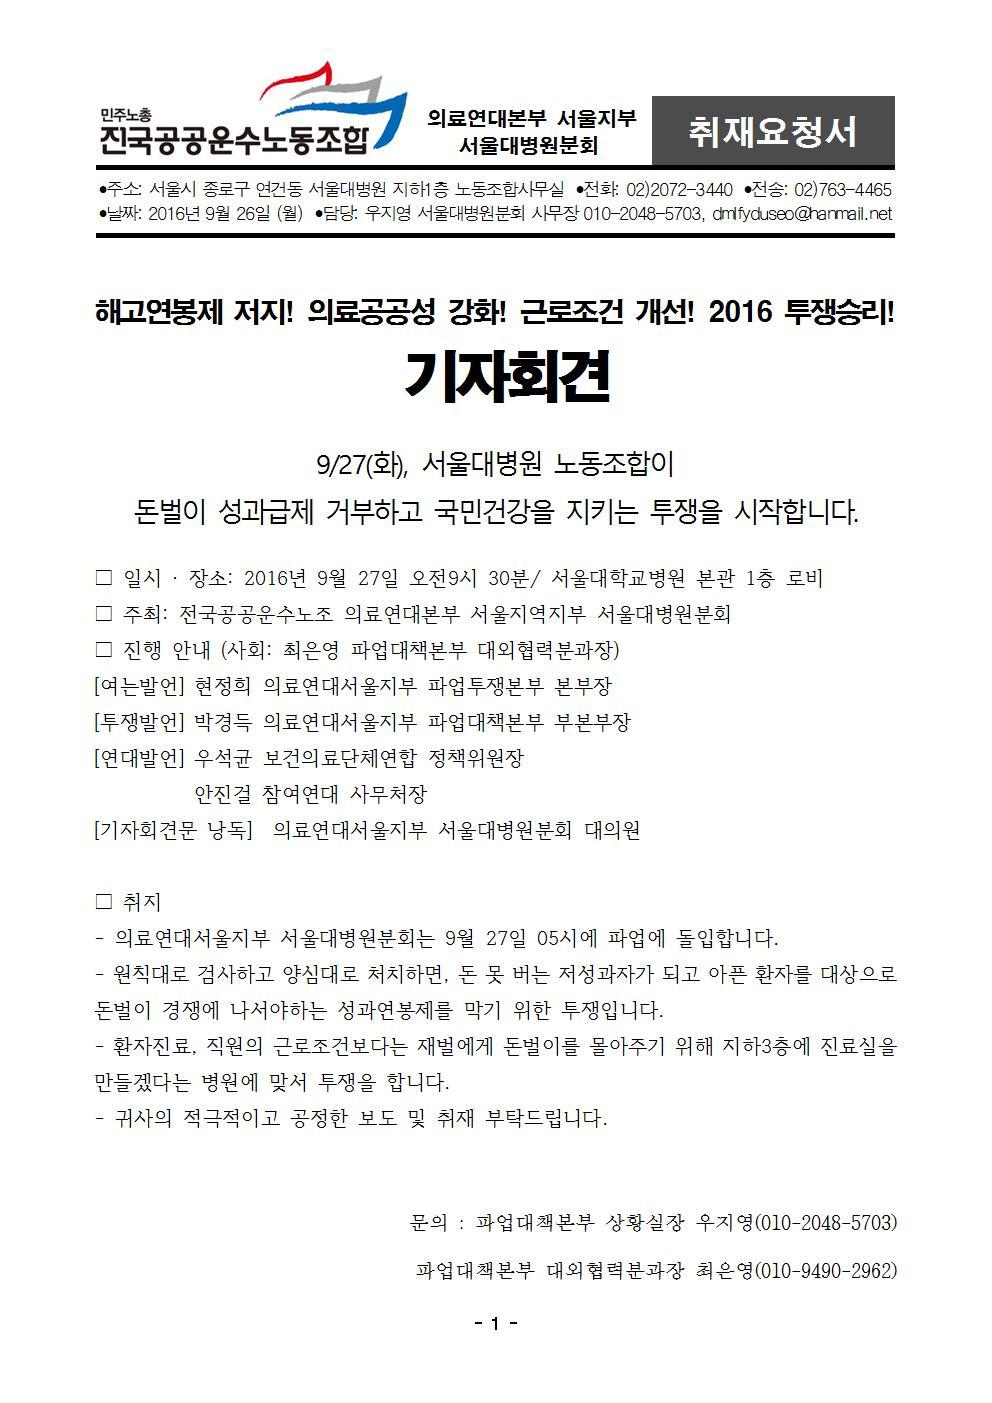 [취재요청서] 서울대병원분회 0927 파업돌입001.jpg